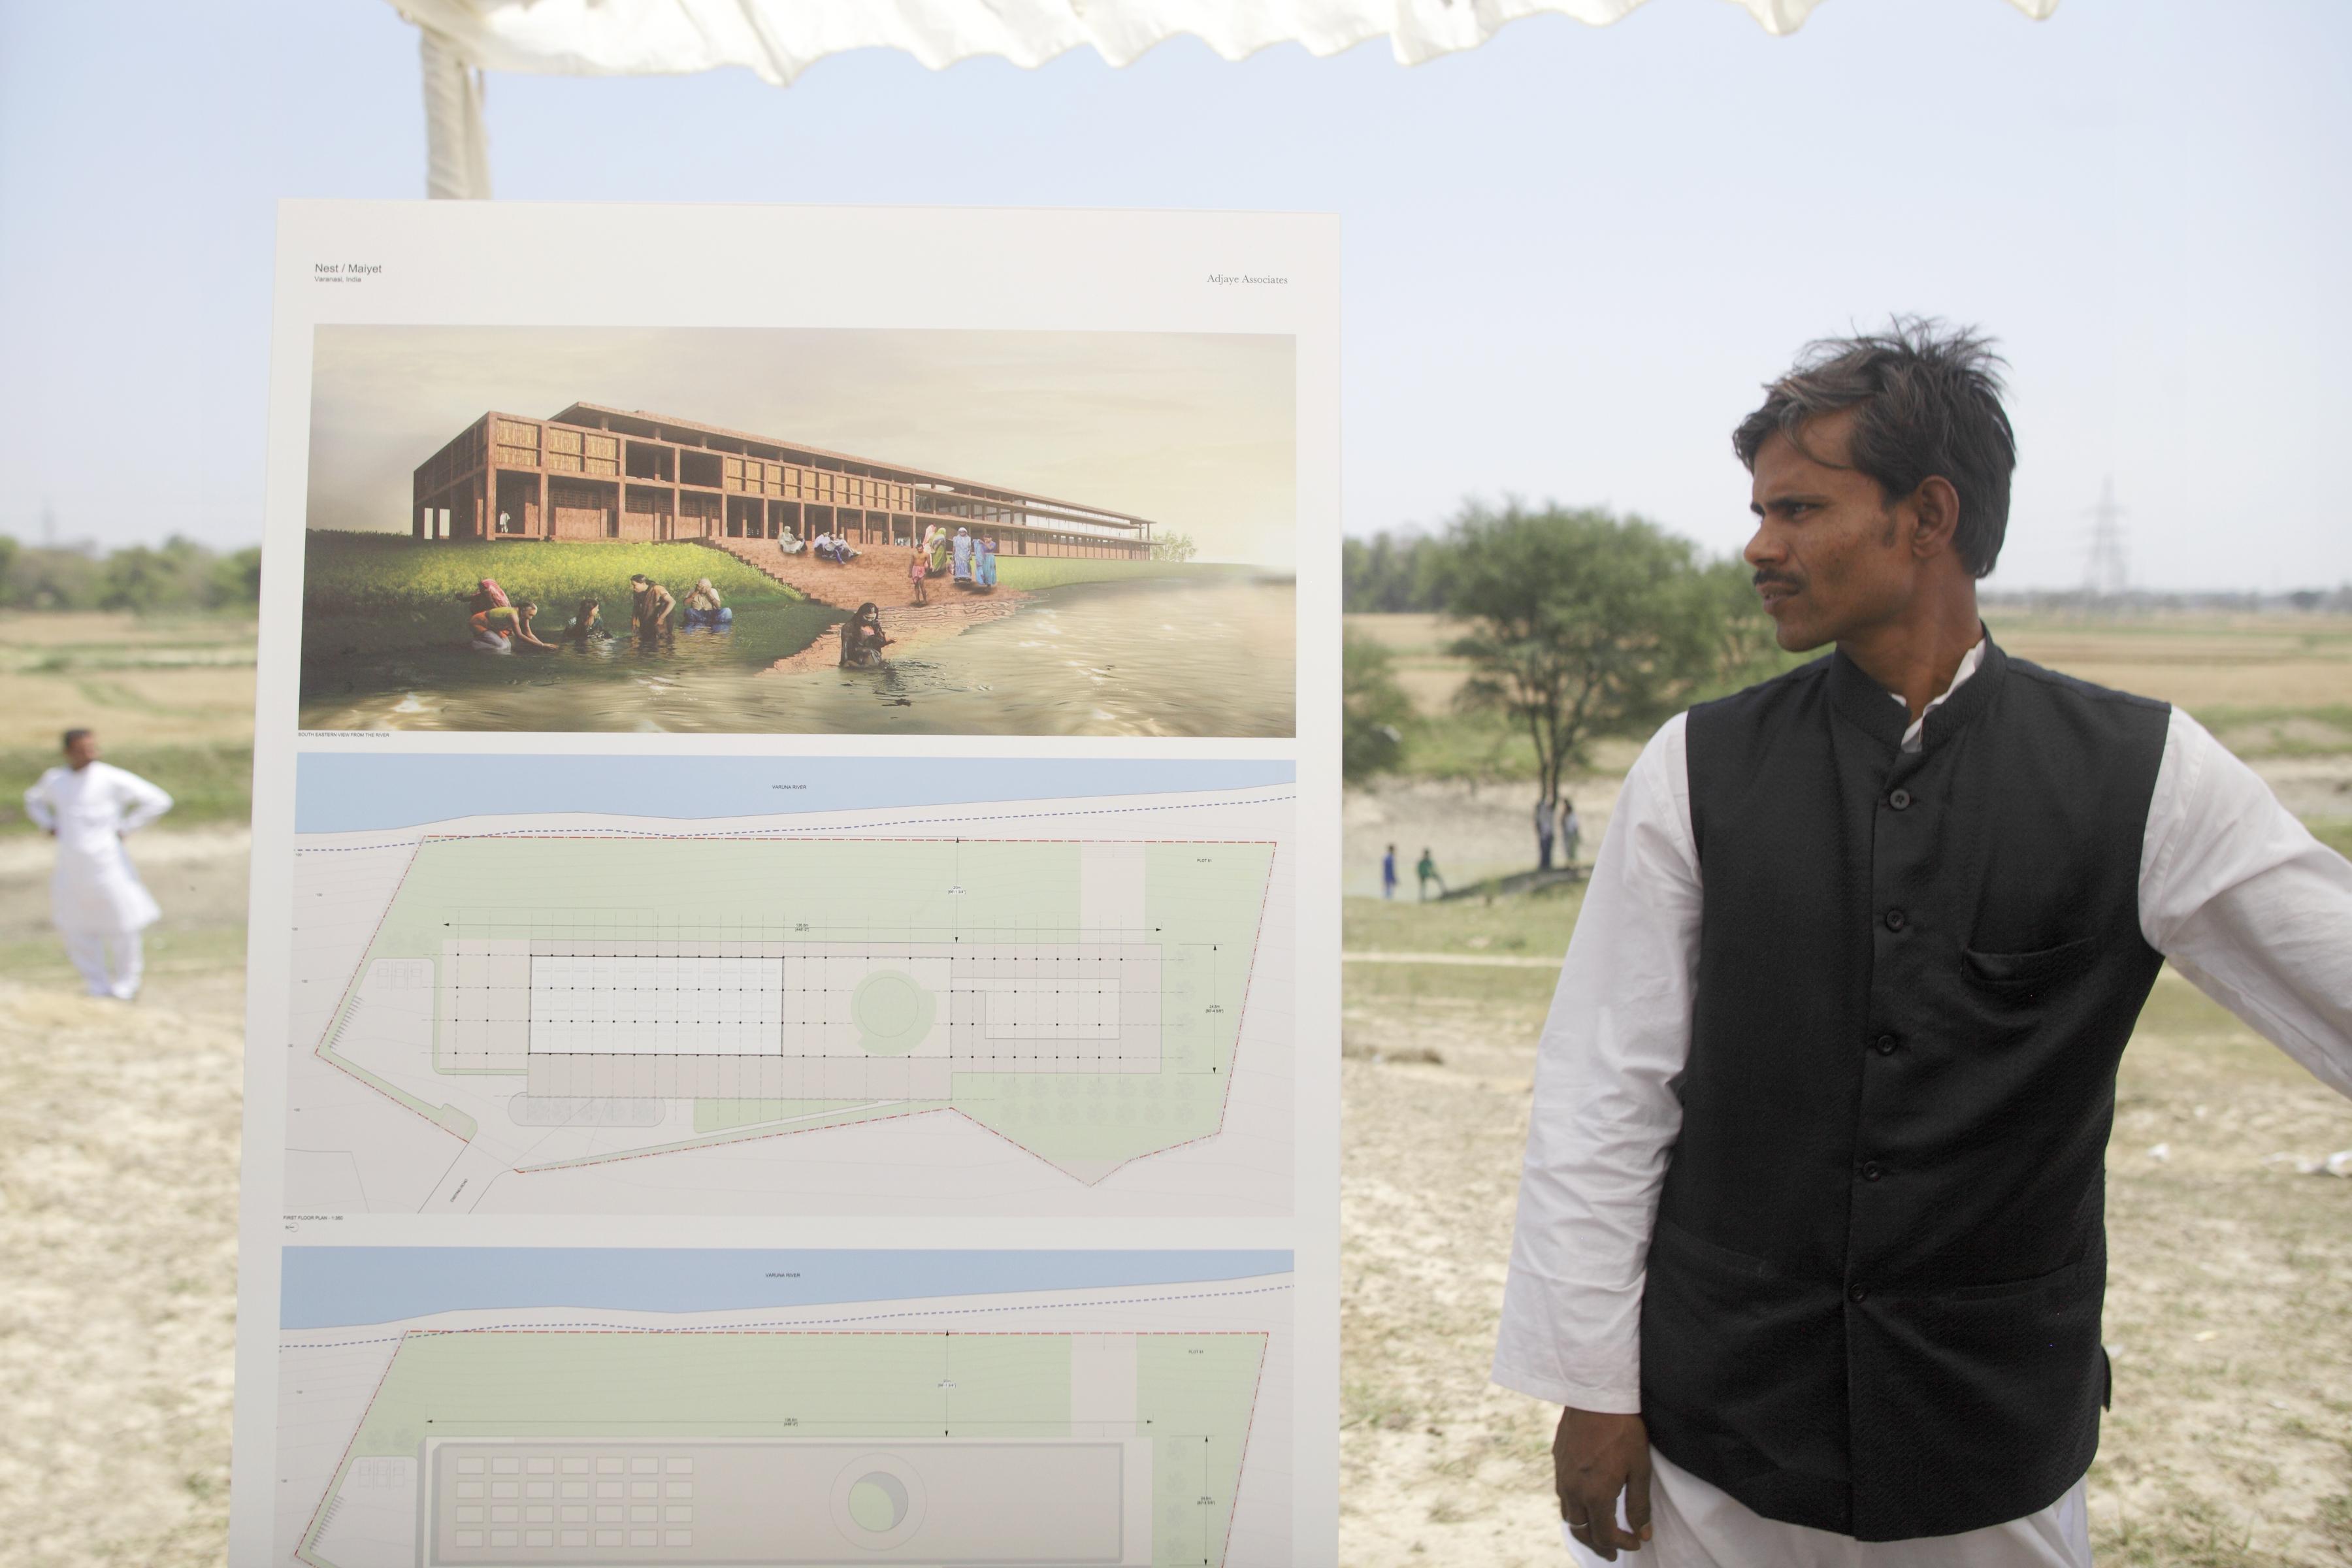 A Varanasi man checks the design proposed by David Adjaye.